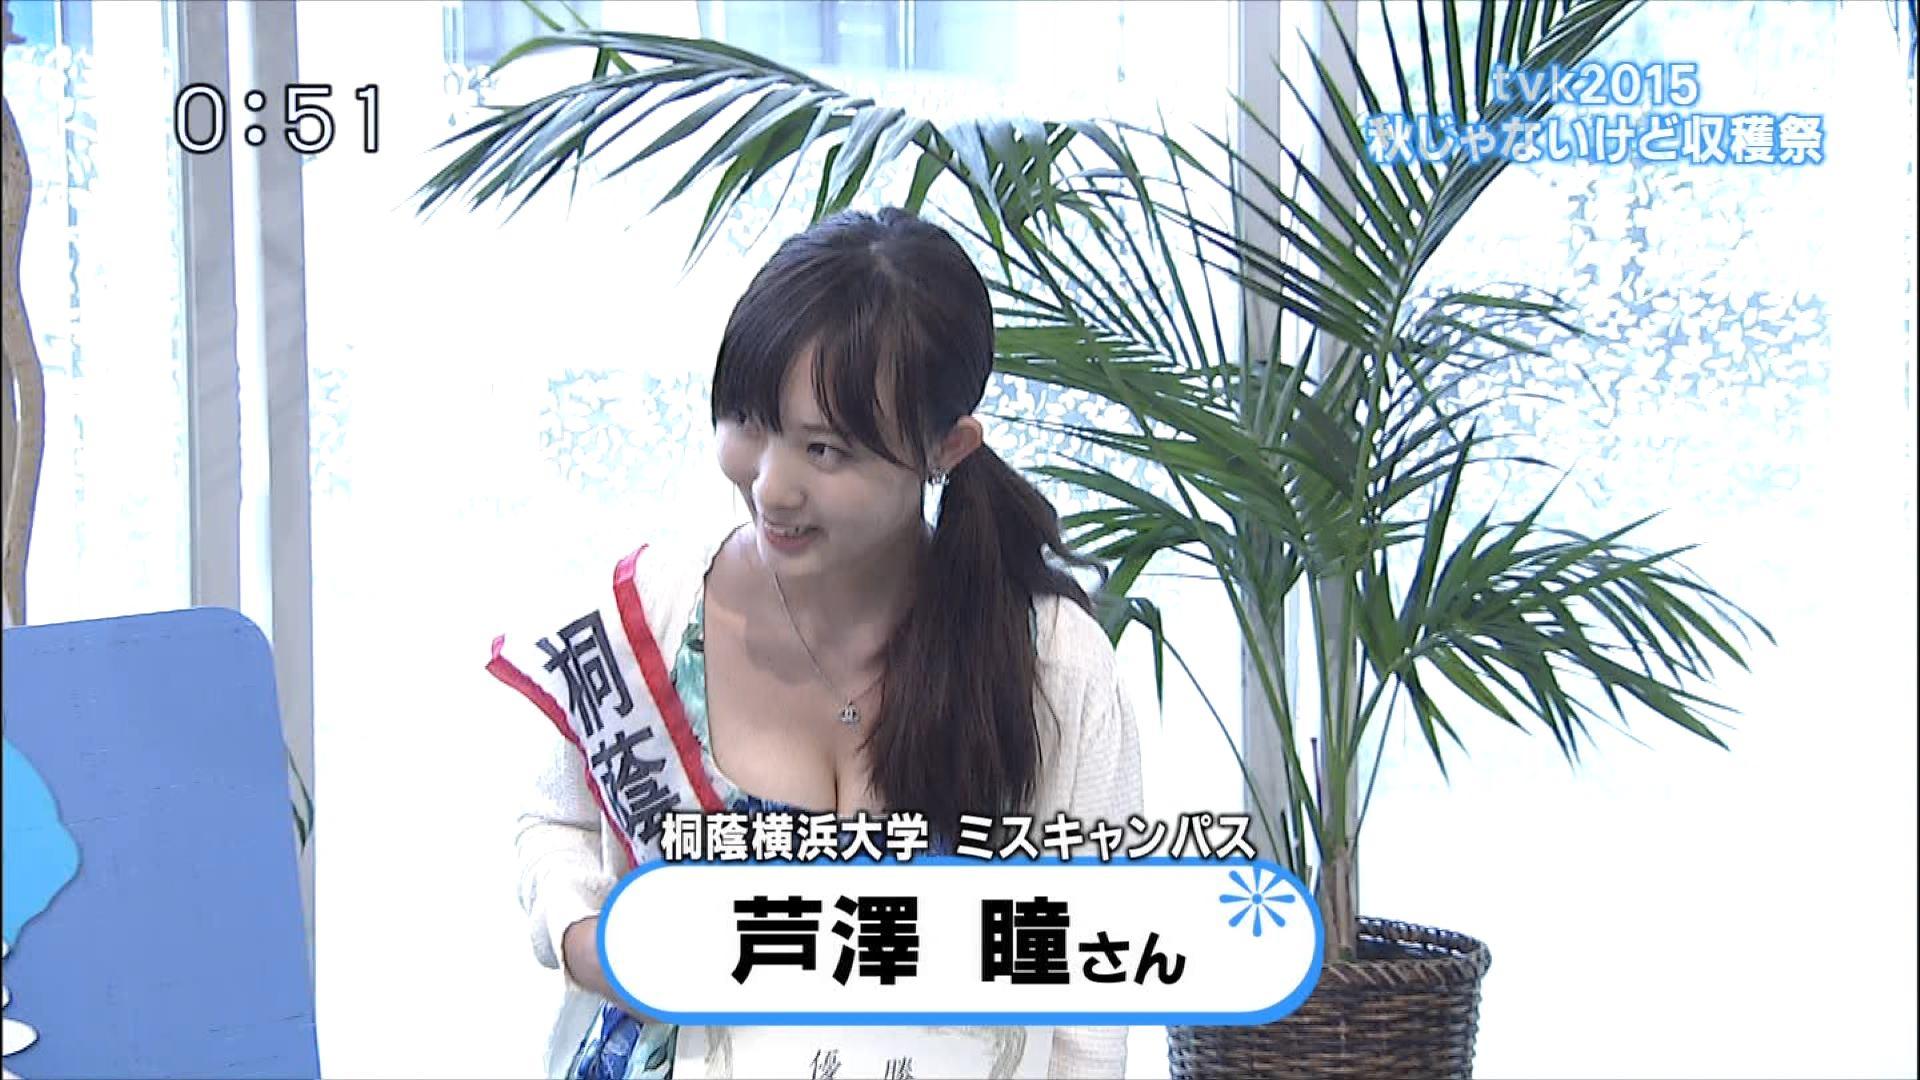 桐蔭横浜大学のミスキャン・芦澤瞳さんがかわいいと話題-テレビ神奈川に出演し爆乳過ぎると注目を集める。(画像あり)